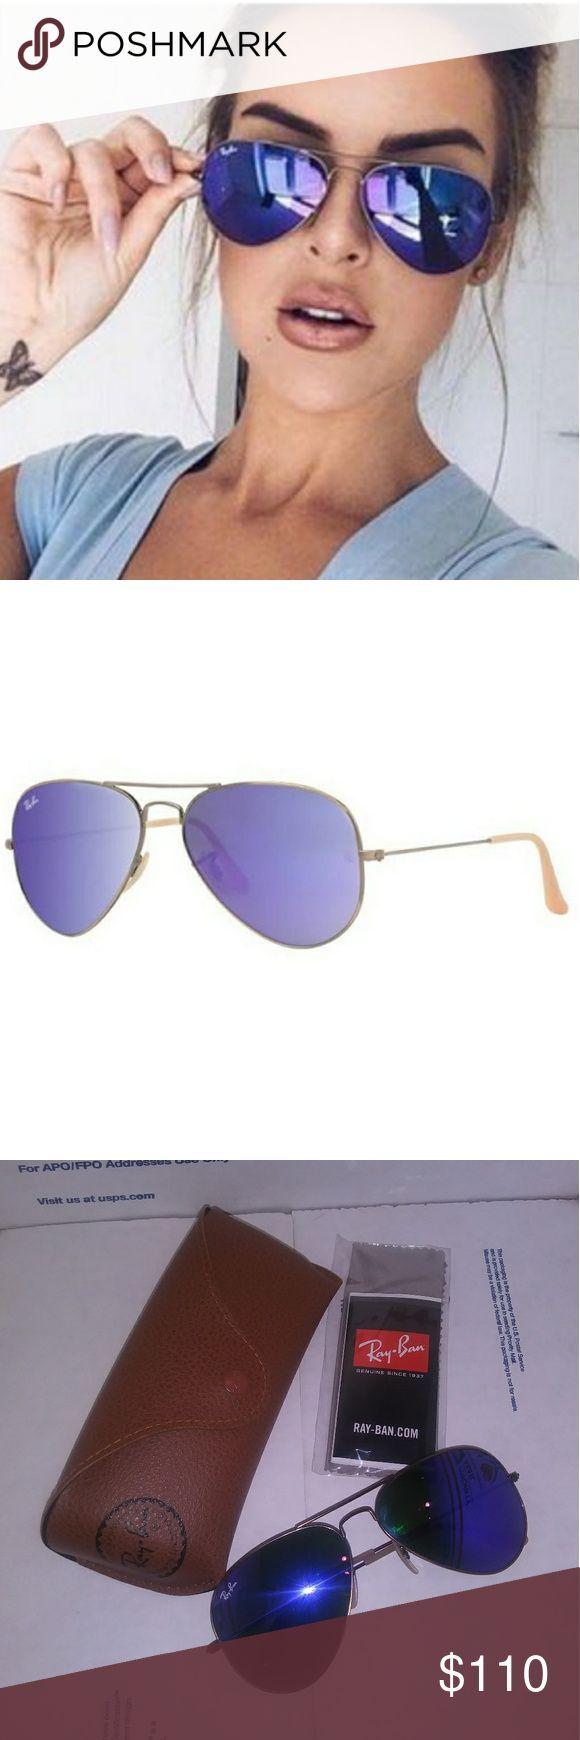 New Ray Ban Large Aviators Violet Lunettes de soleil neuves sans étiquette. Super mignon violet